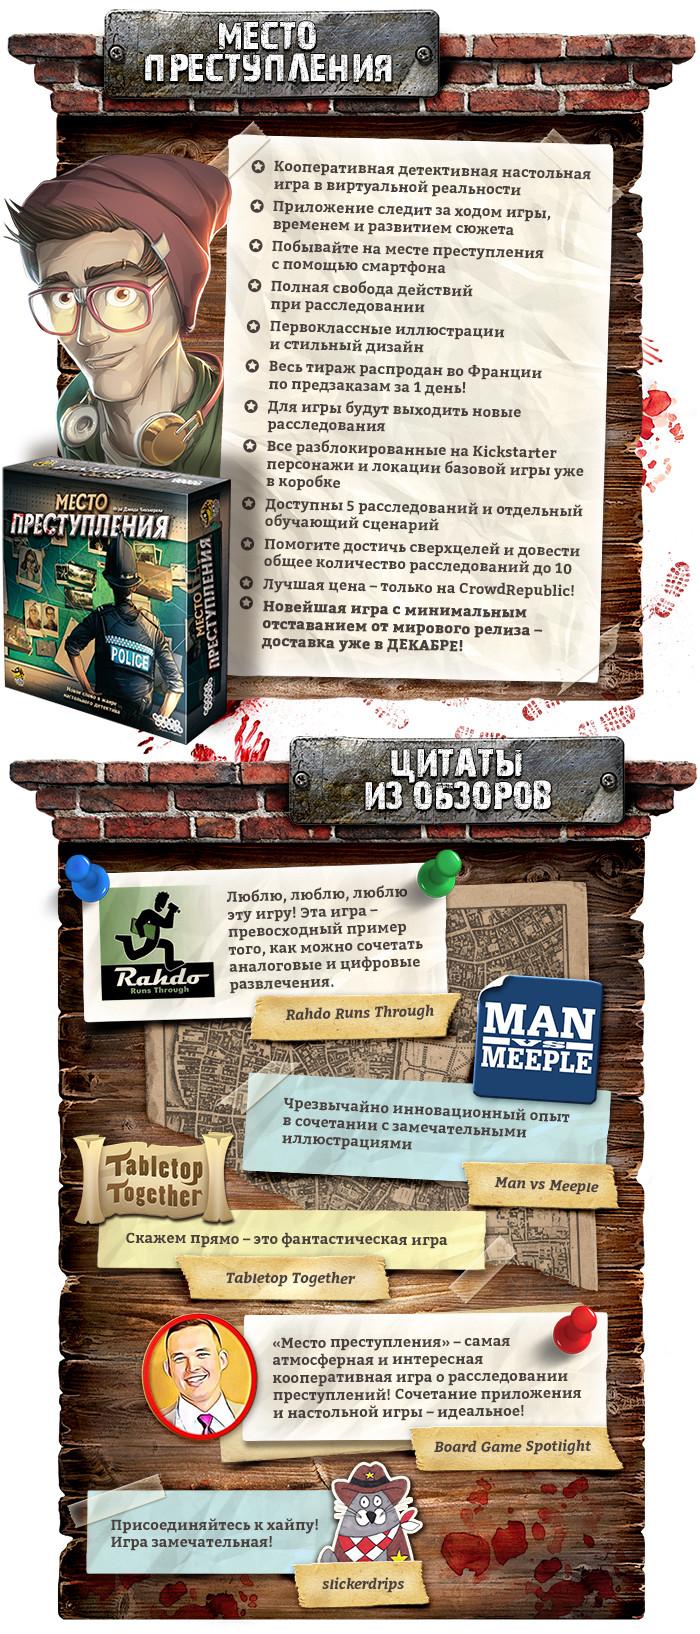 """На СrowdRepublic стартовала настольная игра """"Место преступления"""" с дополненной виртуальной реальностью Настольные игры, Детектив, Краудфандинг, Игры, Длиннопост, Картинки, Разработка, Локализация, Виртуальная реальность, Видео, Гифка"""